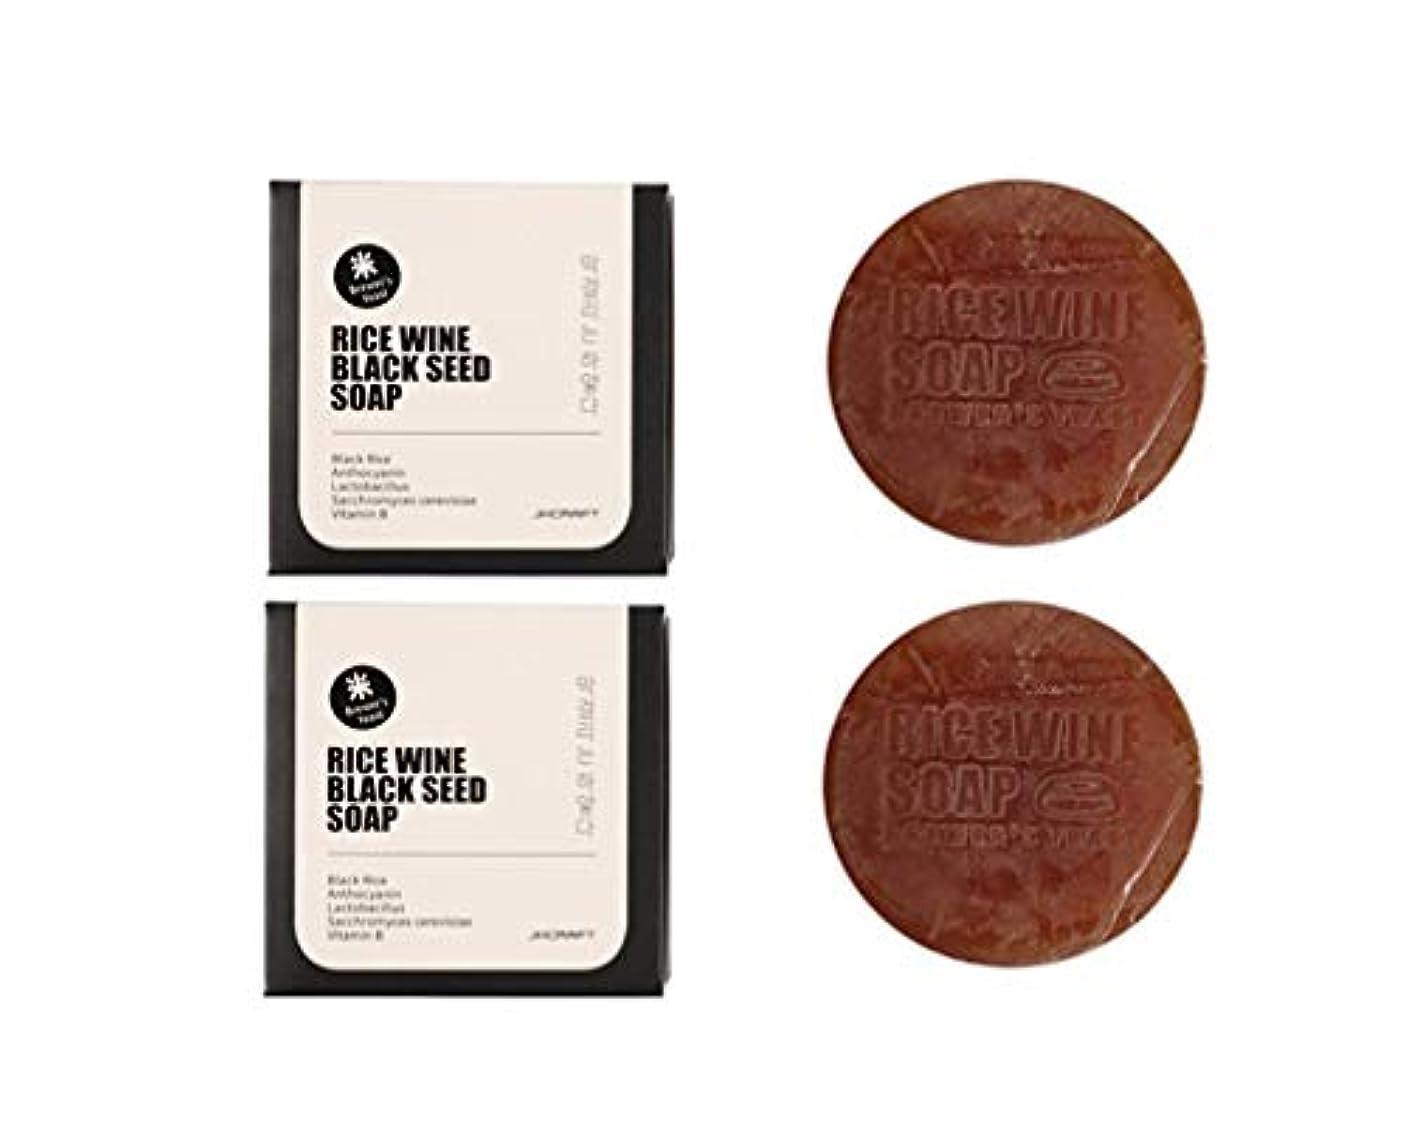 オゾン驚いた喜びJKCRAFT RICEWINE BLACK SEED SOAP 黒米マッコリ酵母石鹸,無添加,無刺激,天然洗顔石鹸 2pcs [並行輸入品]